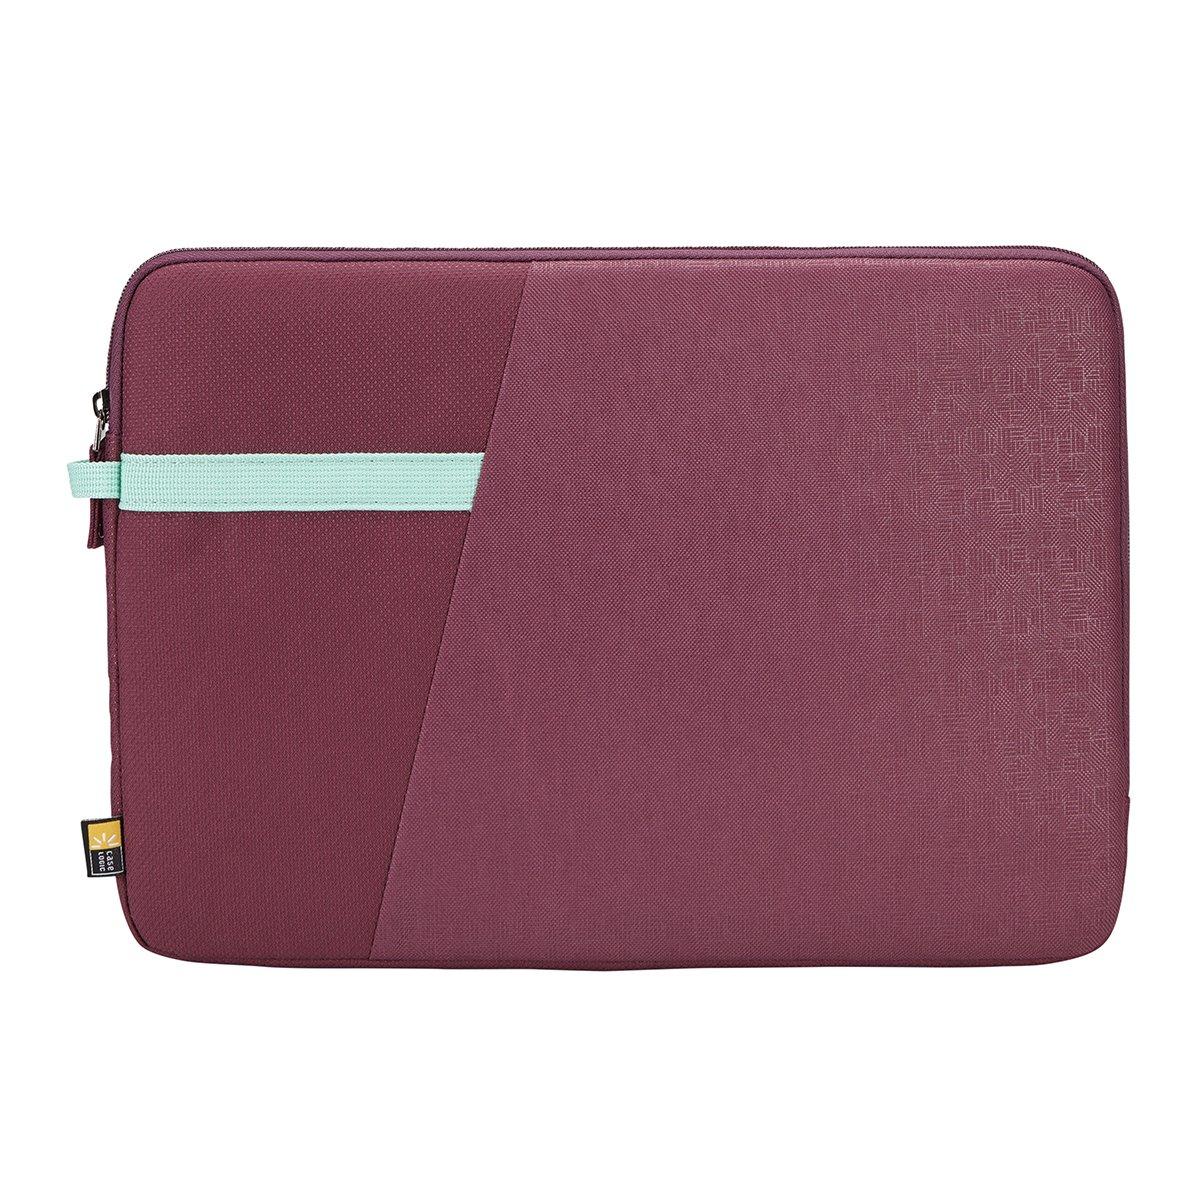 Funda para laptop 14 uva case logic sears com mx me for Fundas notebook